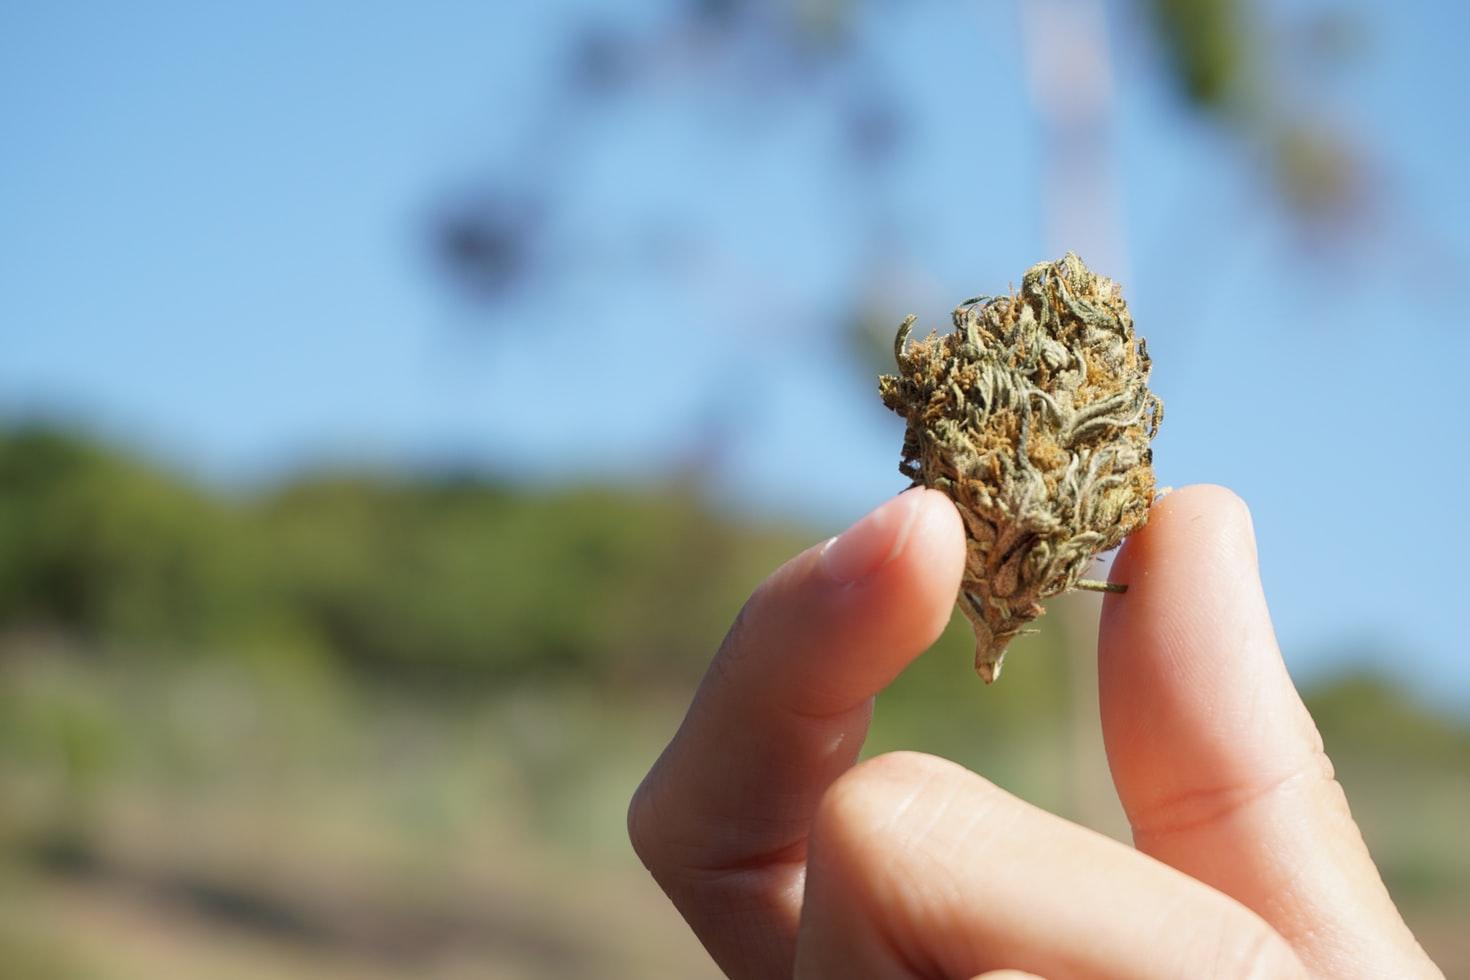 efectos sociosanitarios consumo cannabis España social health effects cannabis Spain